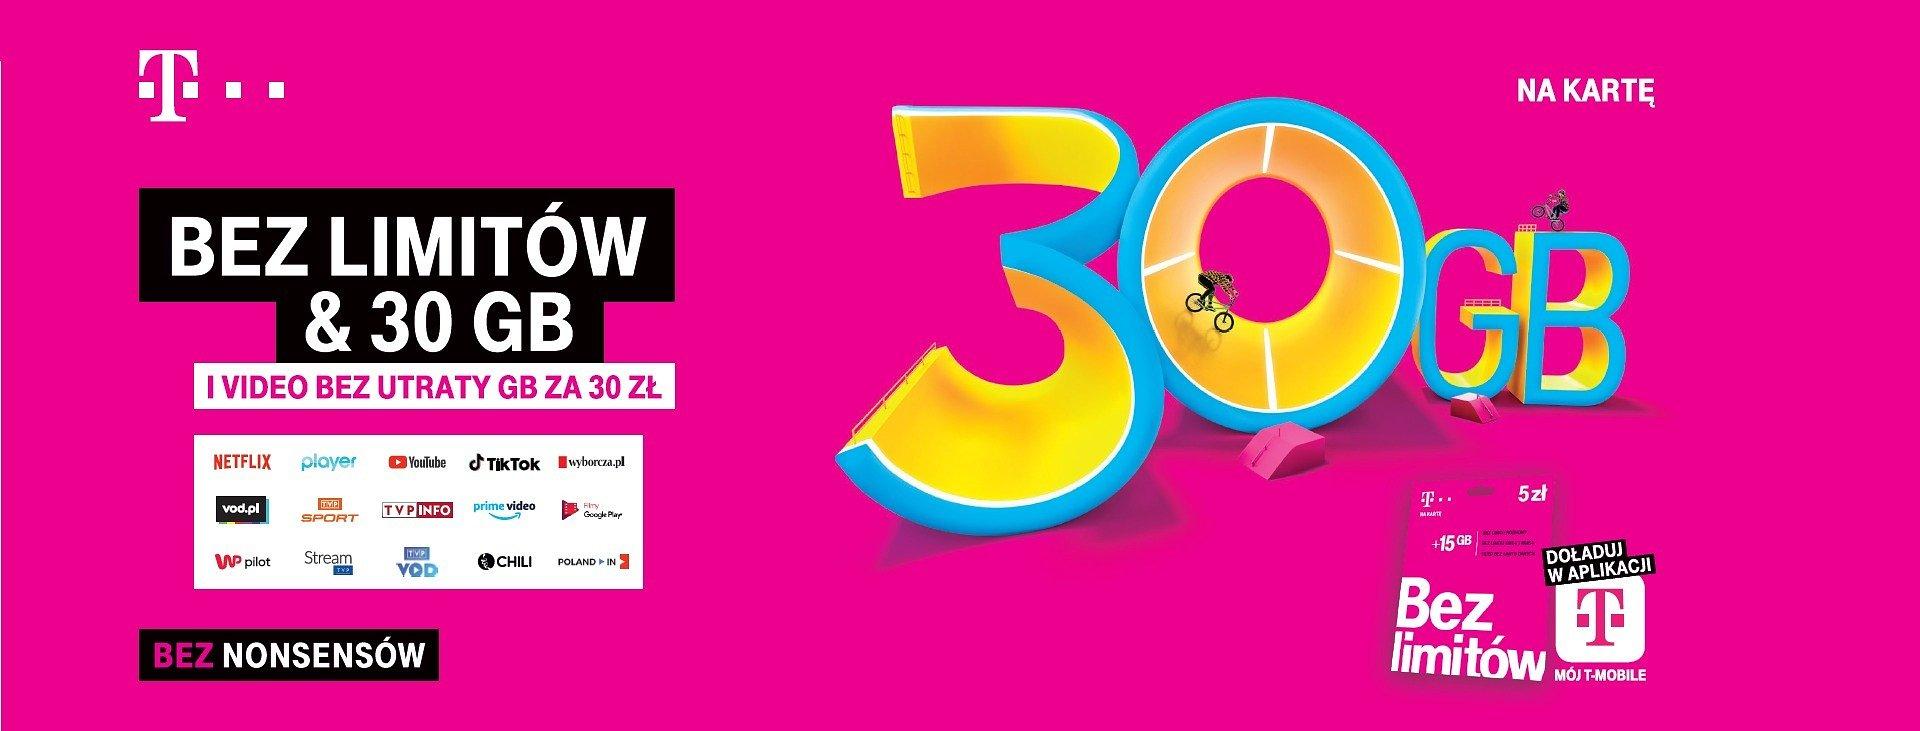 """3, 2, 1… GO! Startuje """"T-Mobile na kartę"""" w zupełnie nowym wydaniu"""